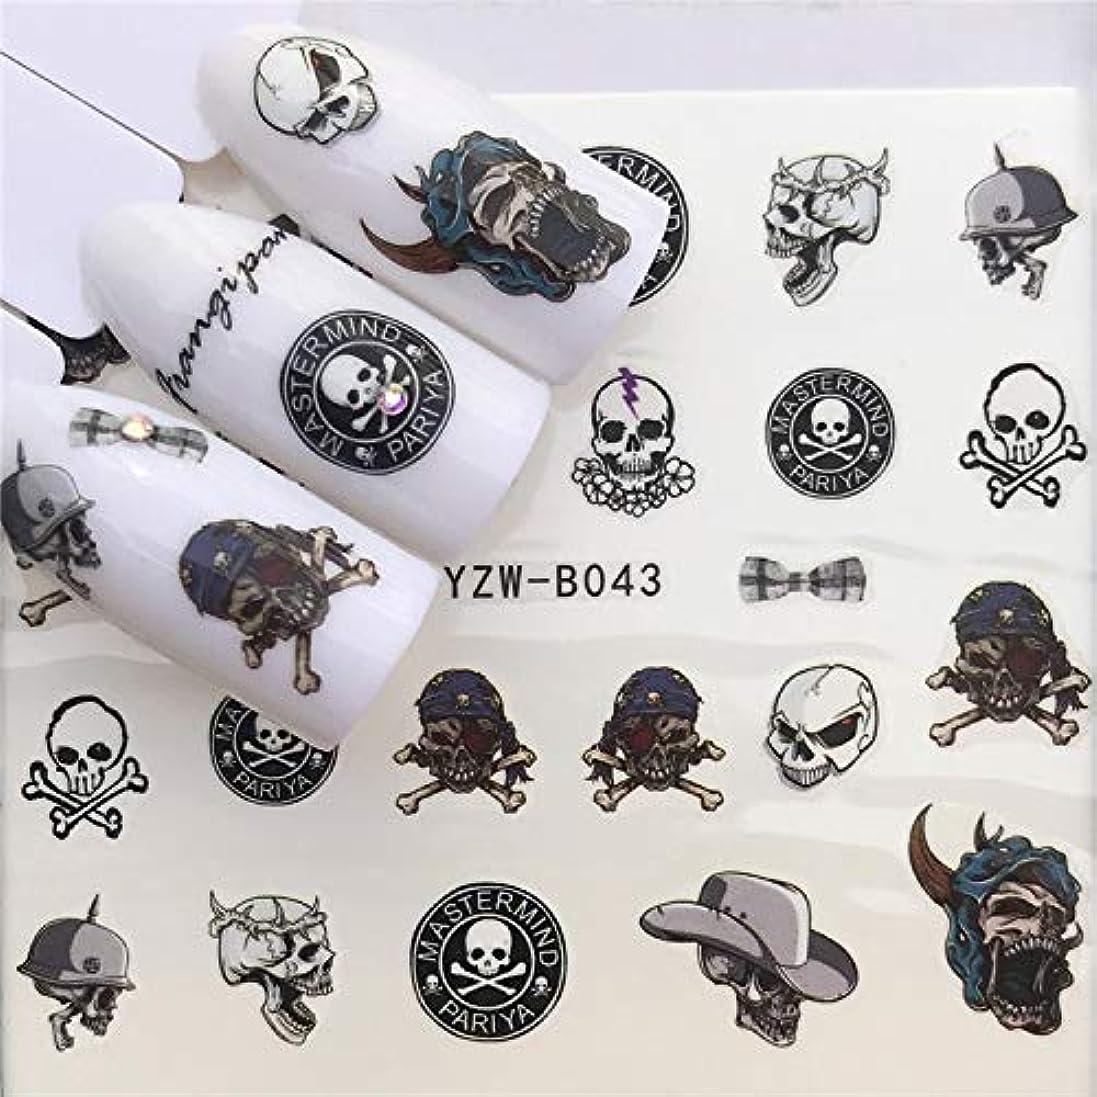 署名紀元前証拠ビューティー&パーソナルケア 3個ネイルステッカーセットデカール水転写スライダーネイルアートデコレーション、色:YZWB043 ステッカー&デカール